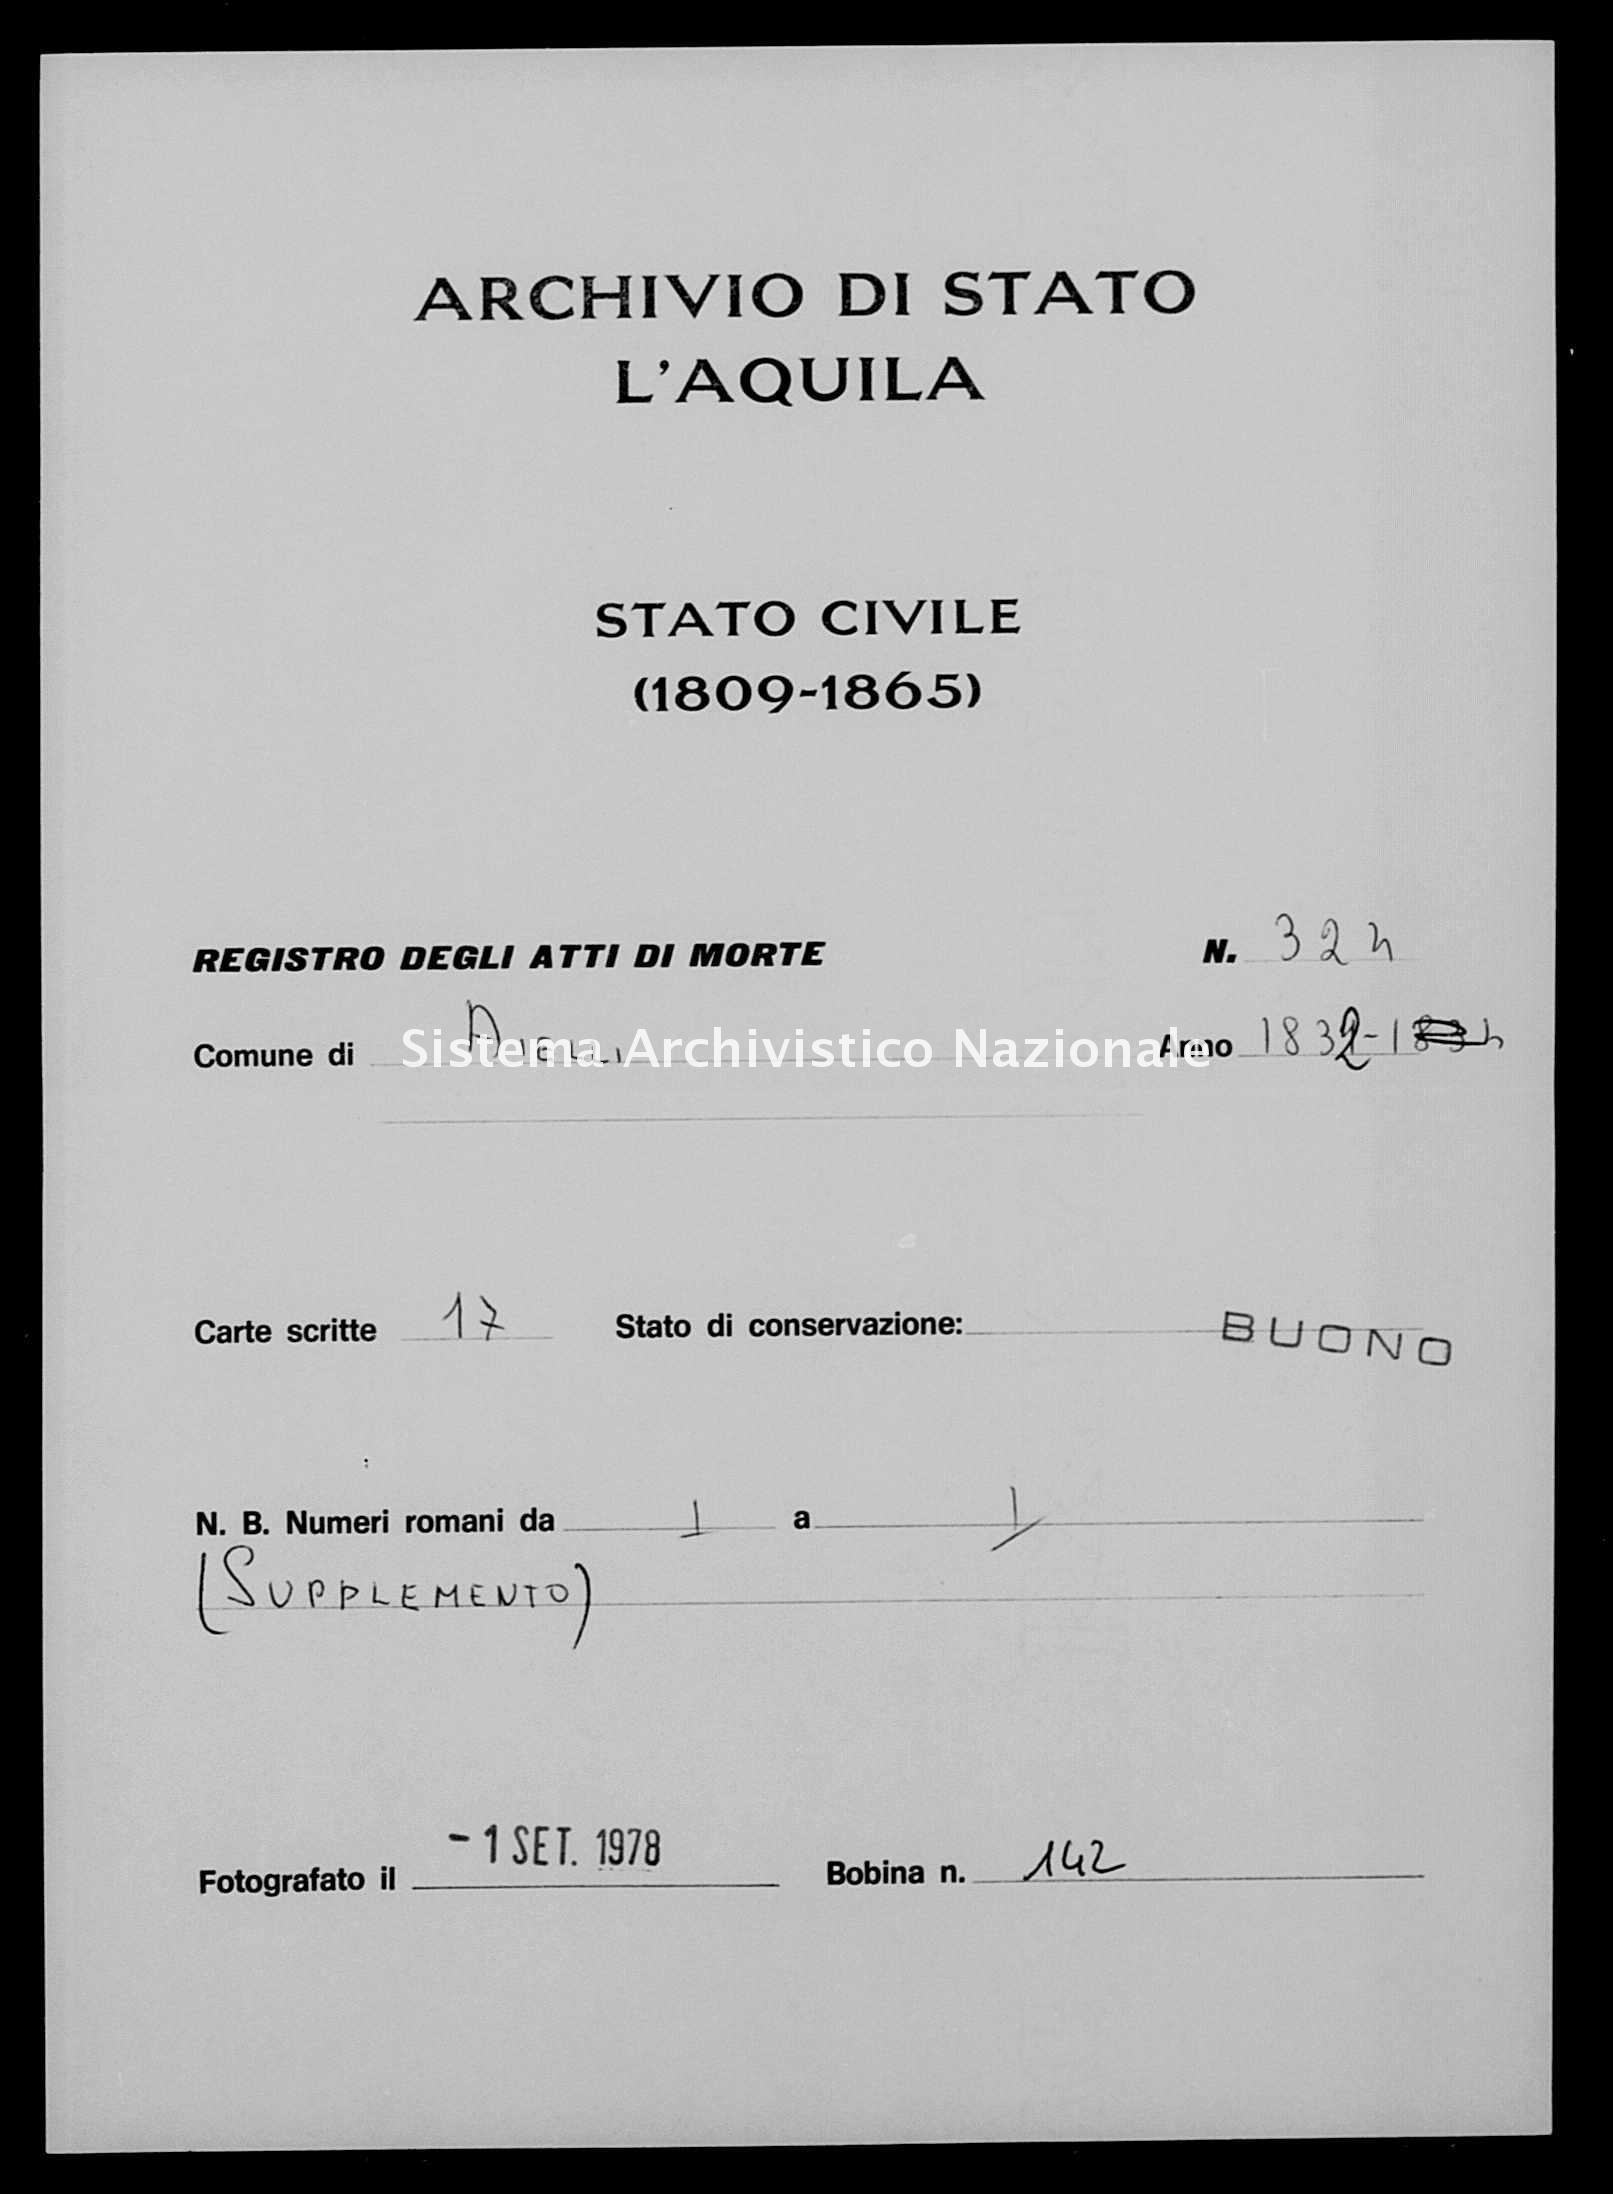 Archivio di stato di L'aquila - Stato civile della restaurazione - Aielli - Morti - 1832 - 324 -